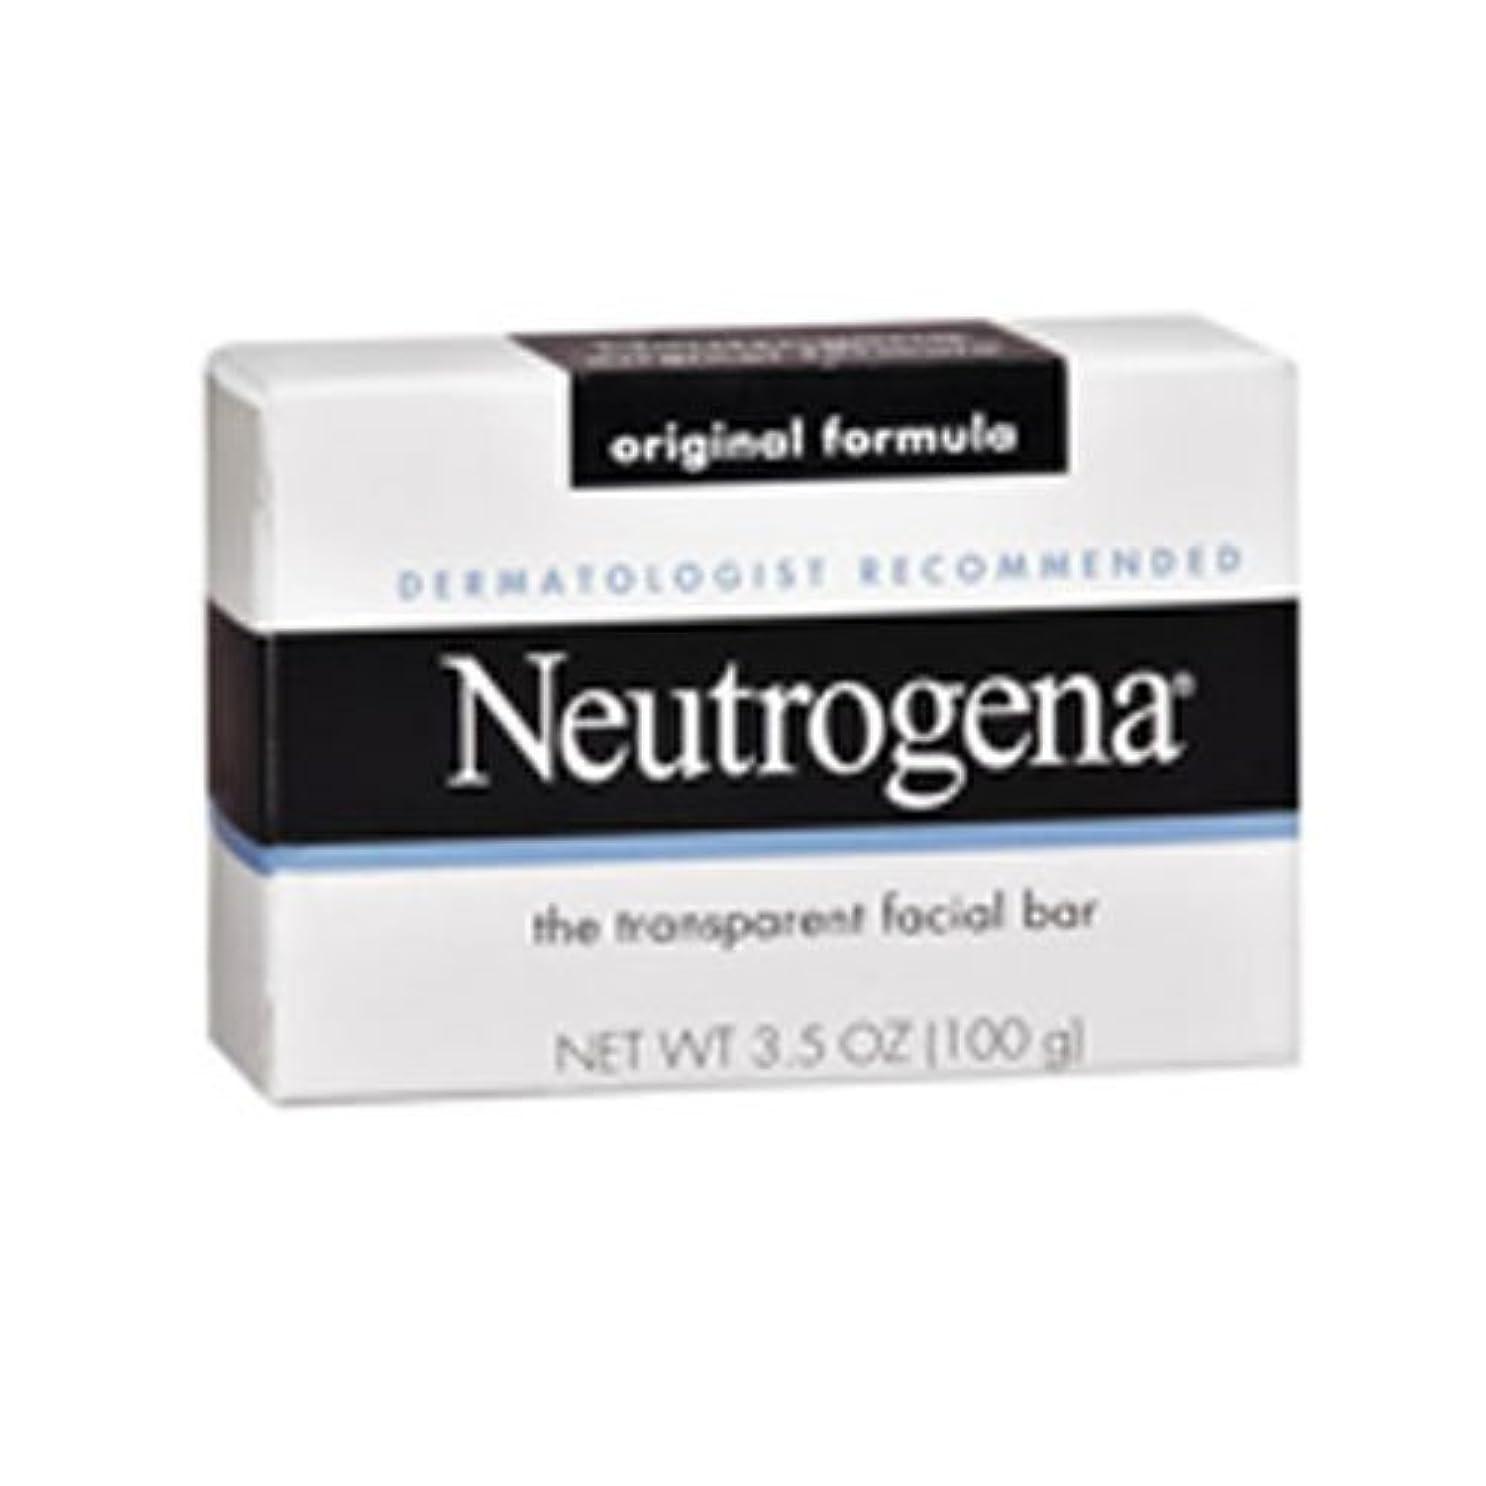 質素なシアー昼寝海外直送肘 Neutrogena Transparent Facial Soap Bar, 3.5 oz